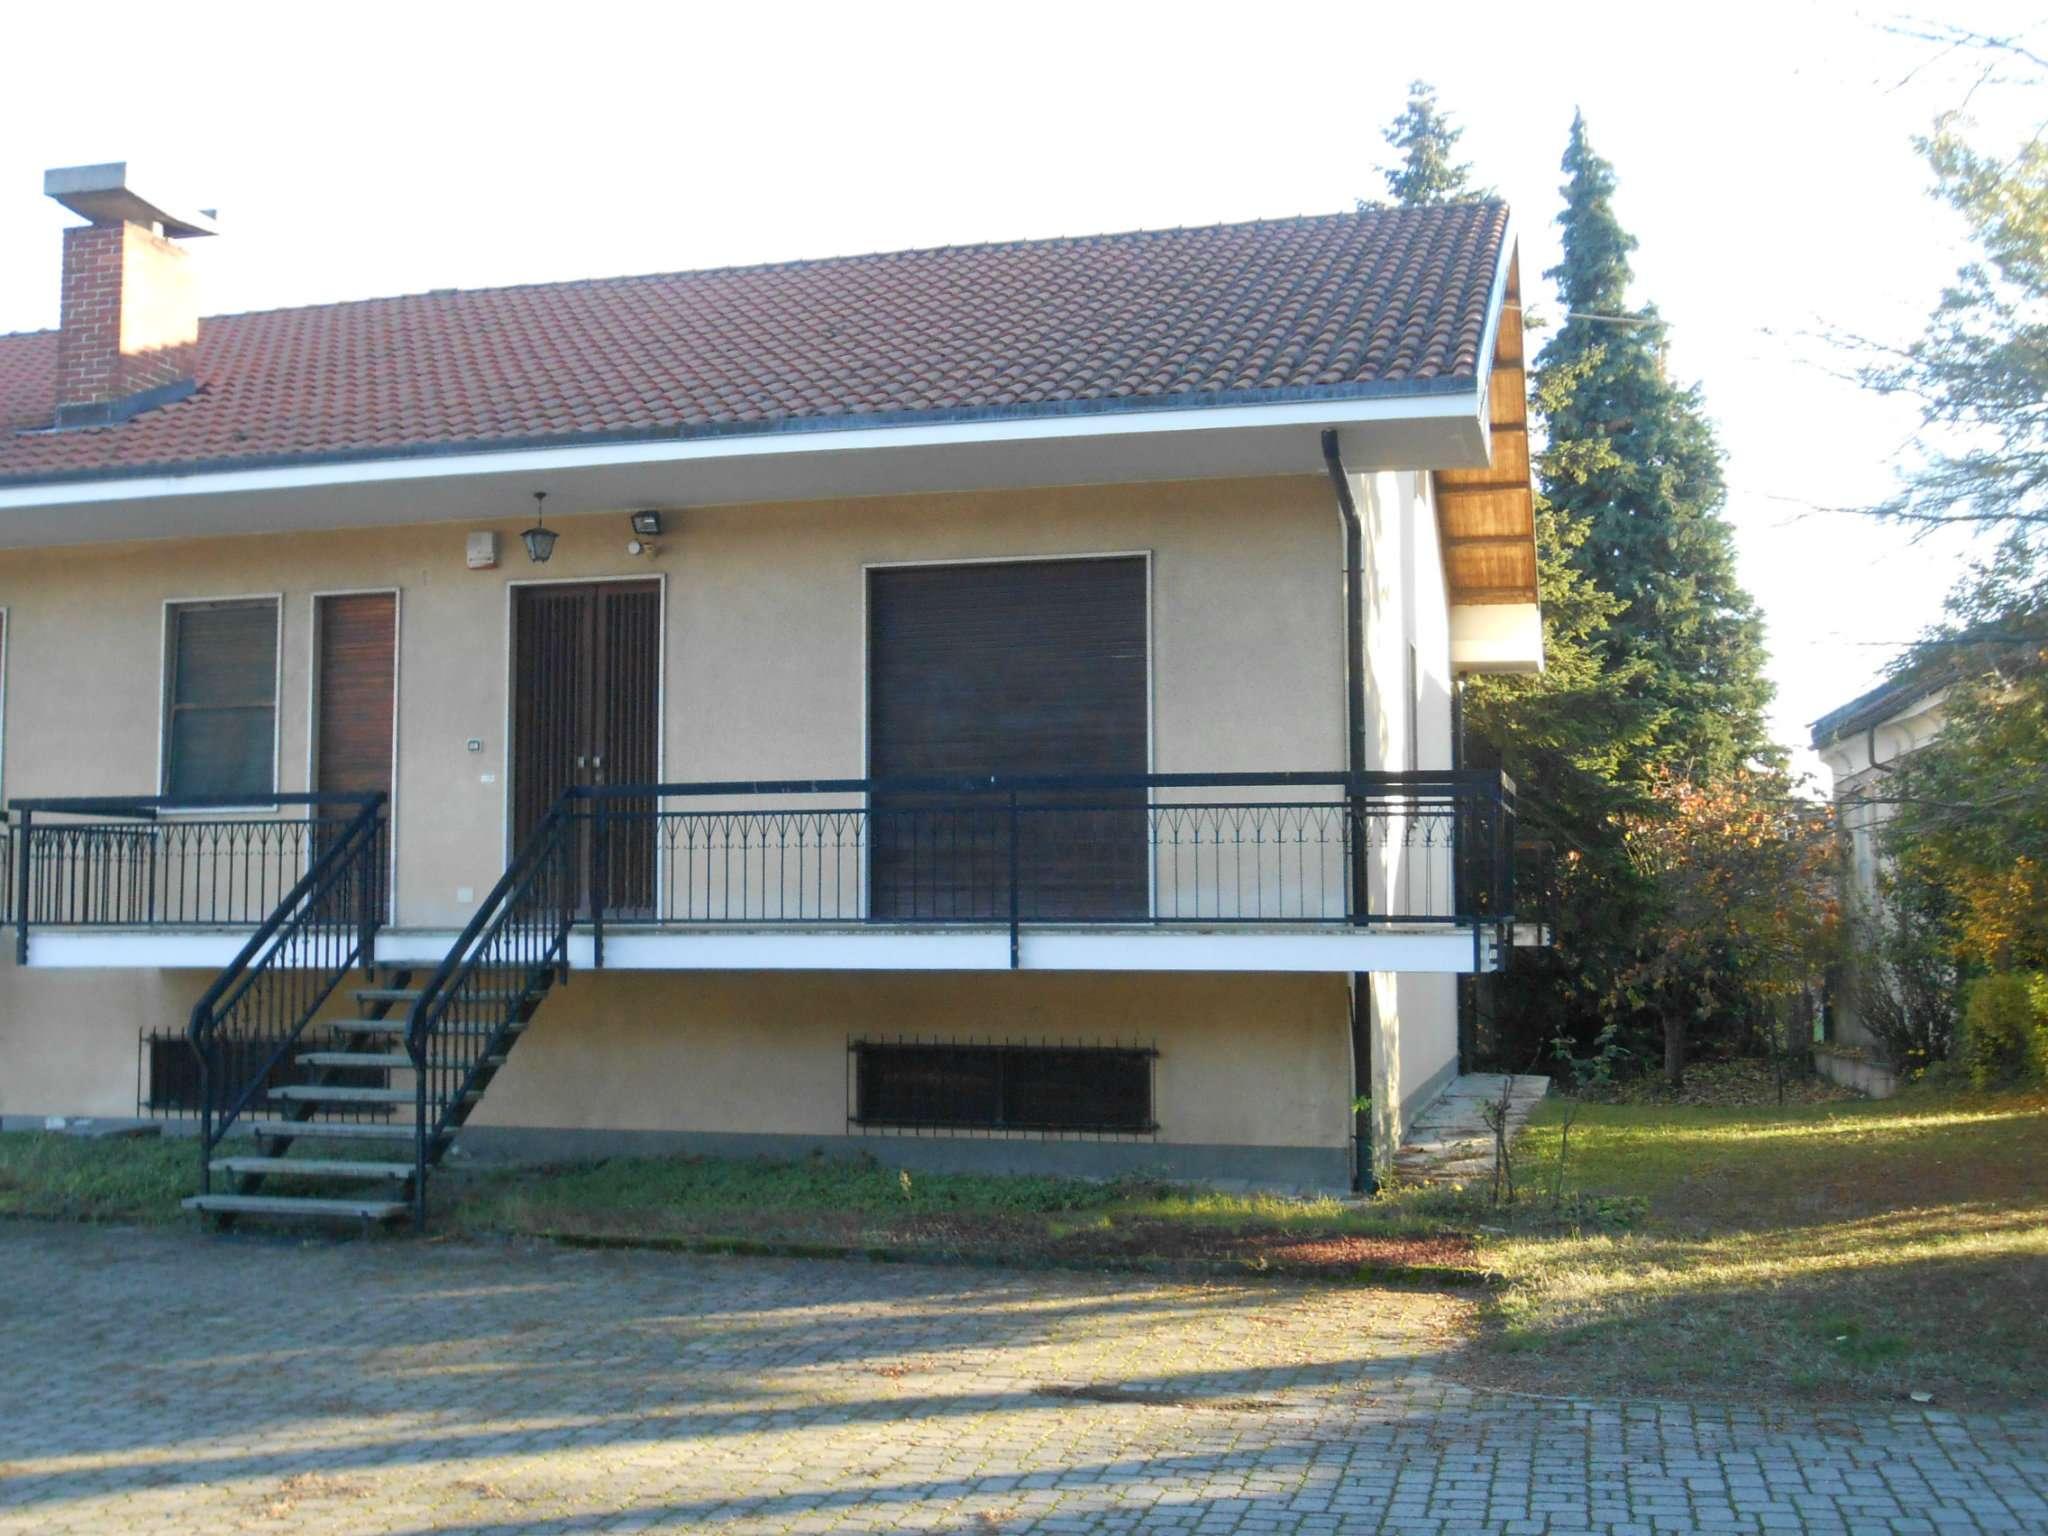 Villa in vendita a Montiglio Monferrato, 7 locali, prezzo € 100.000 | CambioCasa.it